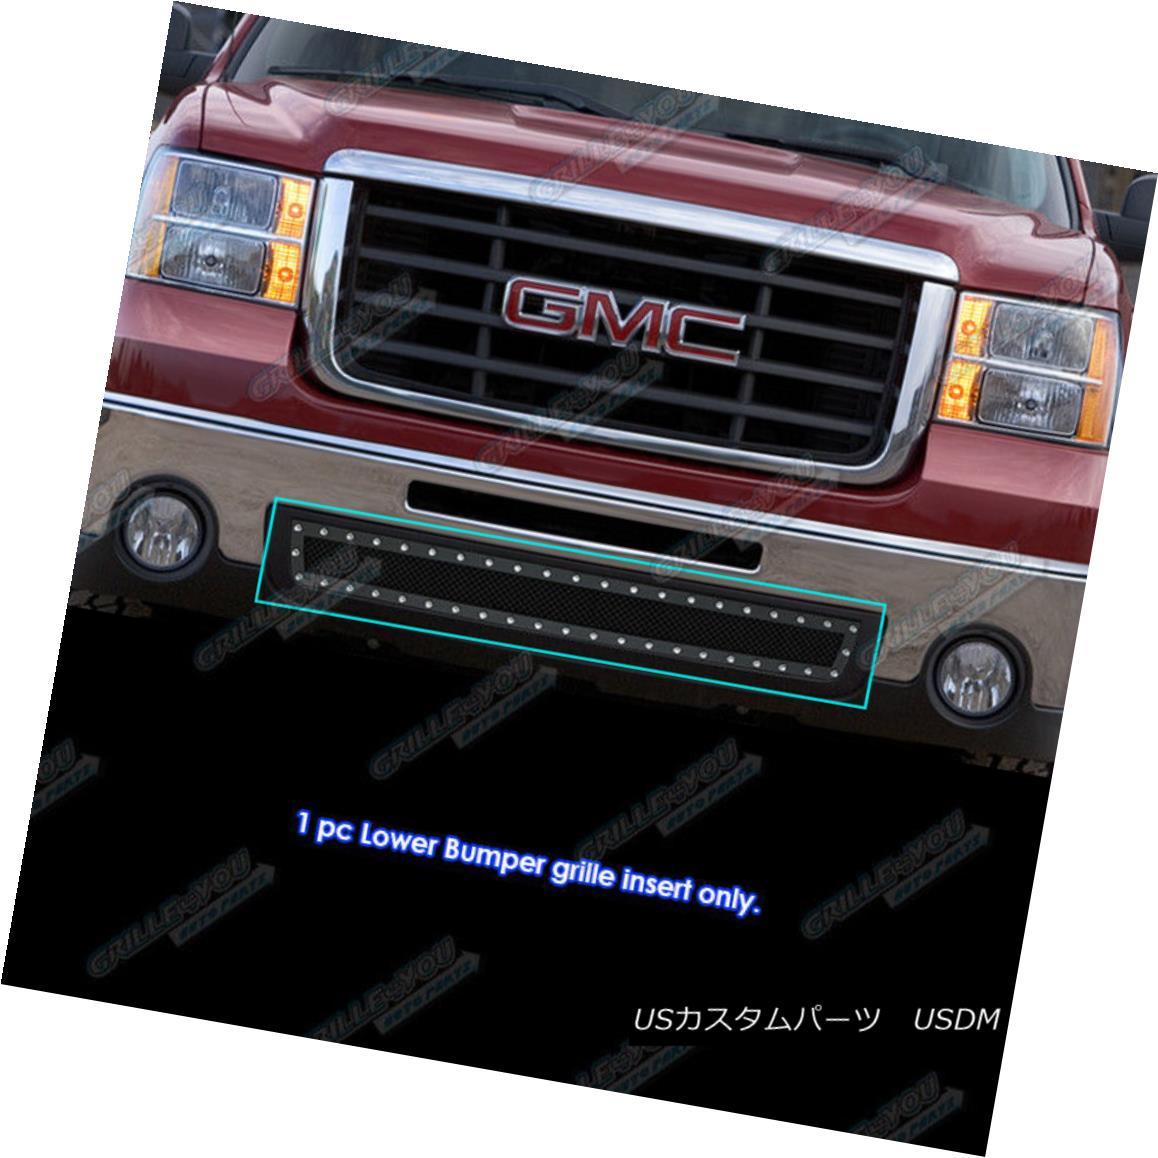 グリル For 2007-2013 GMC Sierra 1500/07-10 2500 HD Stainless Black Mesh Rivet Grille 2007-2013 GMC Sierra 1500 / 07-10 2500 HDステンレスブラックメッシュリベットグリル